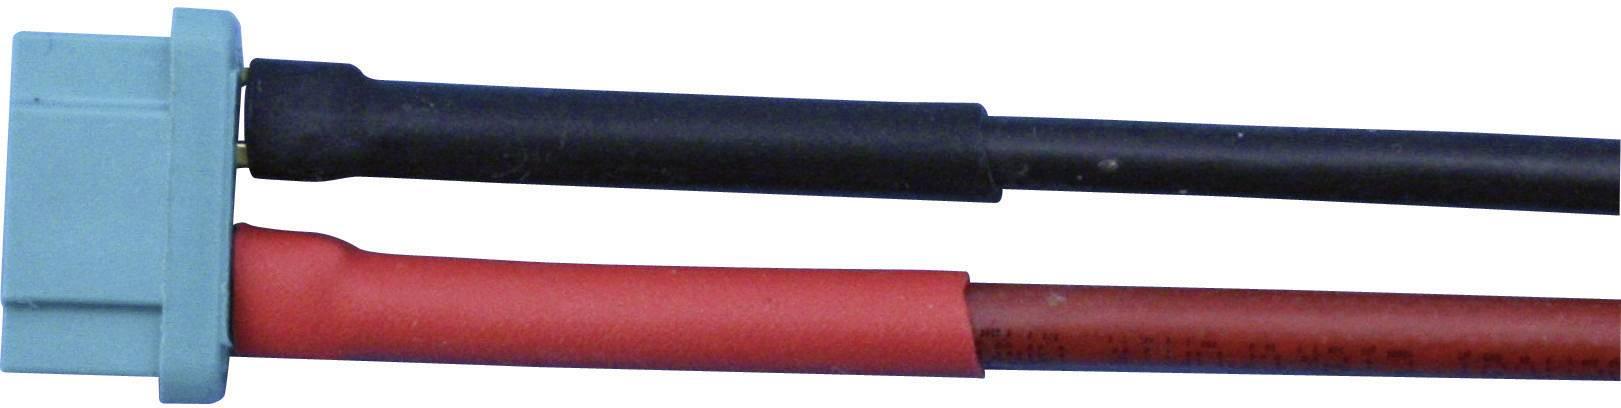 Napájecí kabel pro vyšší odběr Modelcraft, MPX zásuvka, 300 mm, 2,5 mm²